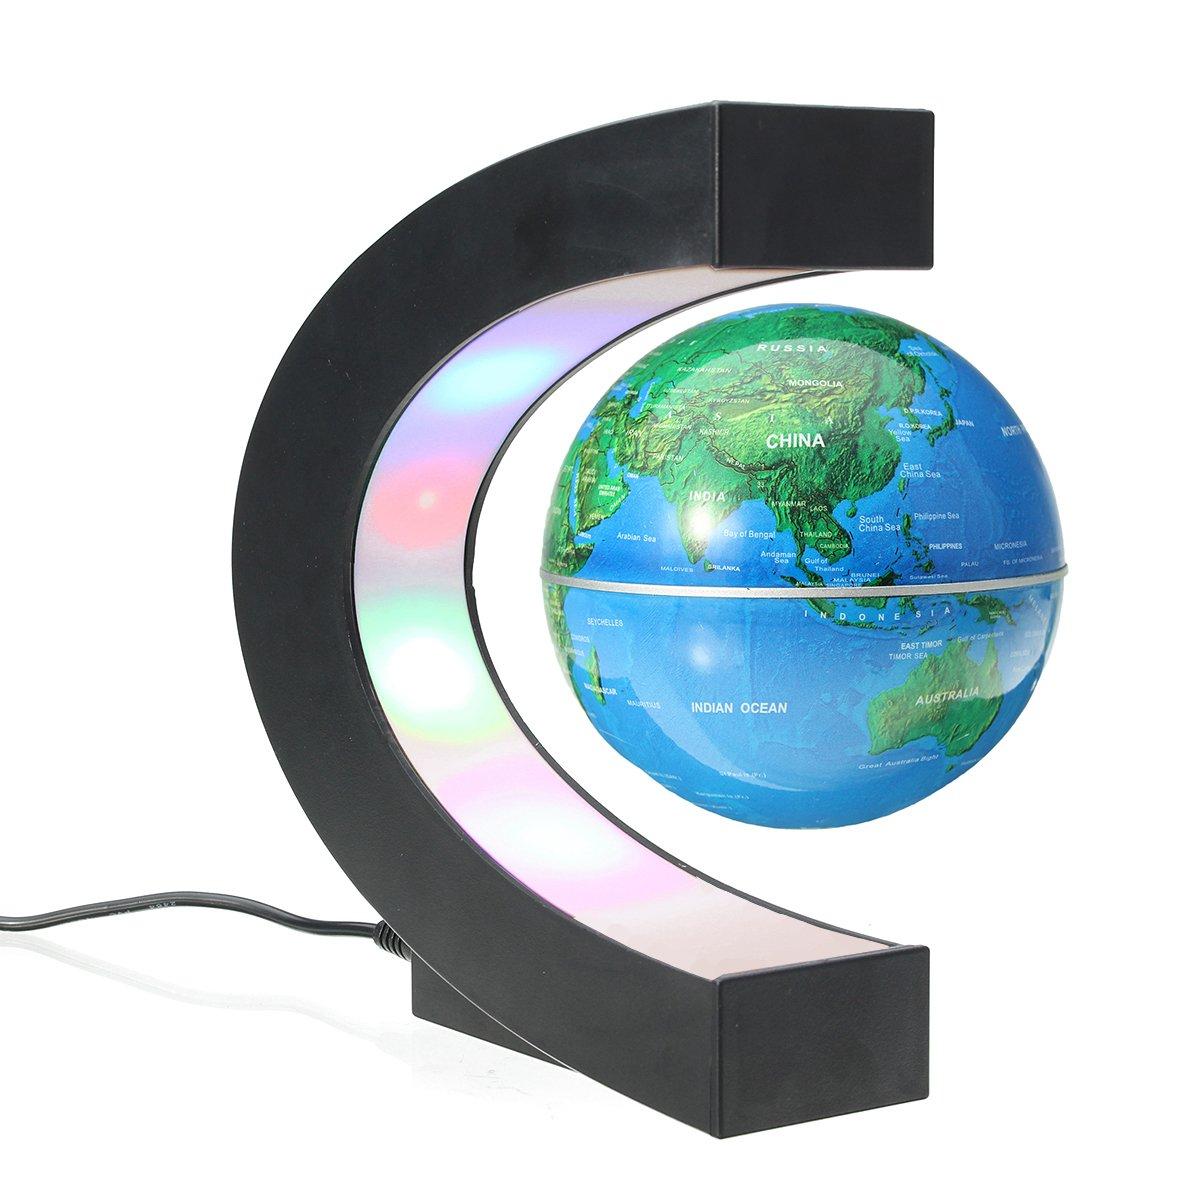 Créatif Globe Terrestre Lumineux Flottant Magnétique Lévitation Globe Lamp avec Lumières LED Sphère Démonstration de l'enseignement Décorations Maison et Bureau Cadeau de Noël d'Anniversaire Bleu MECO